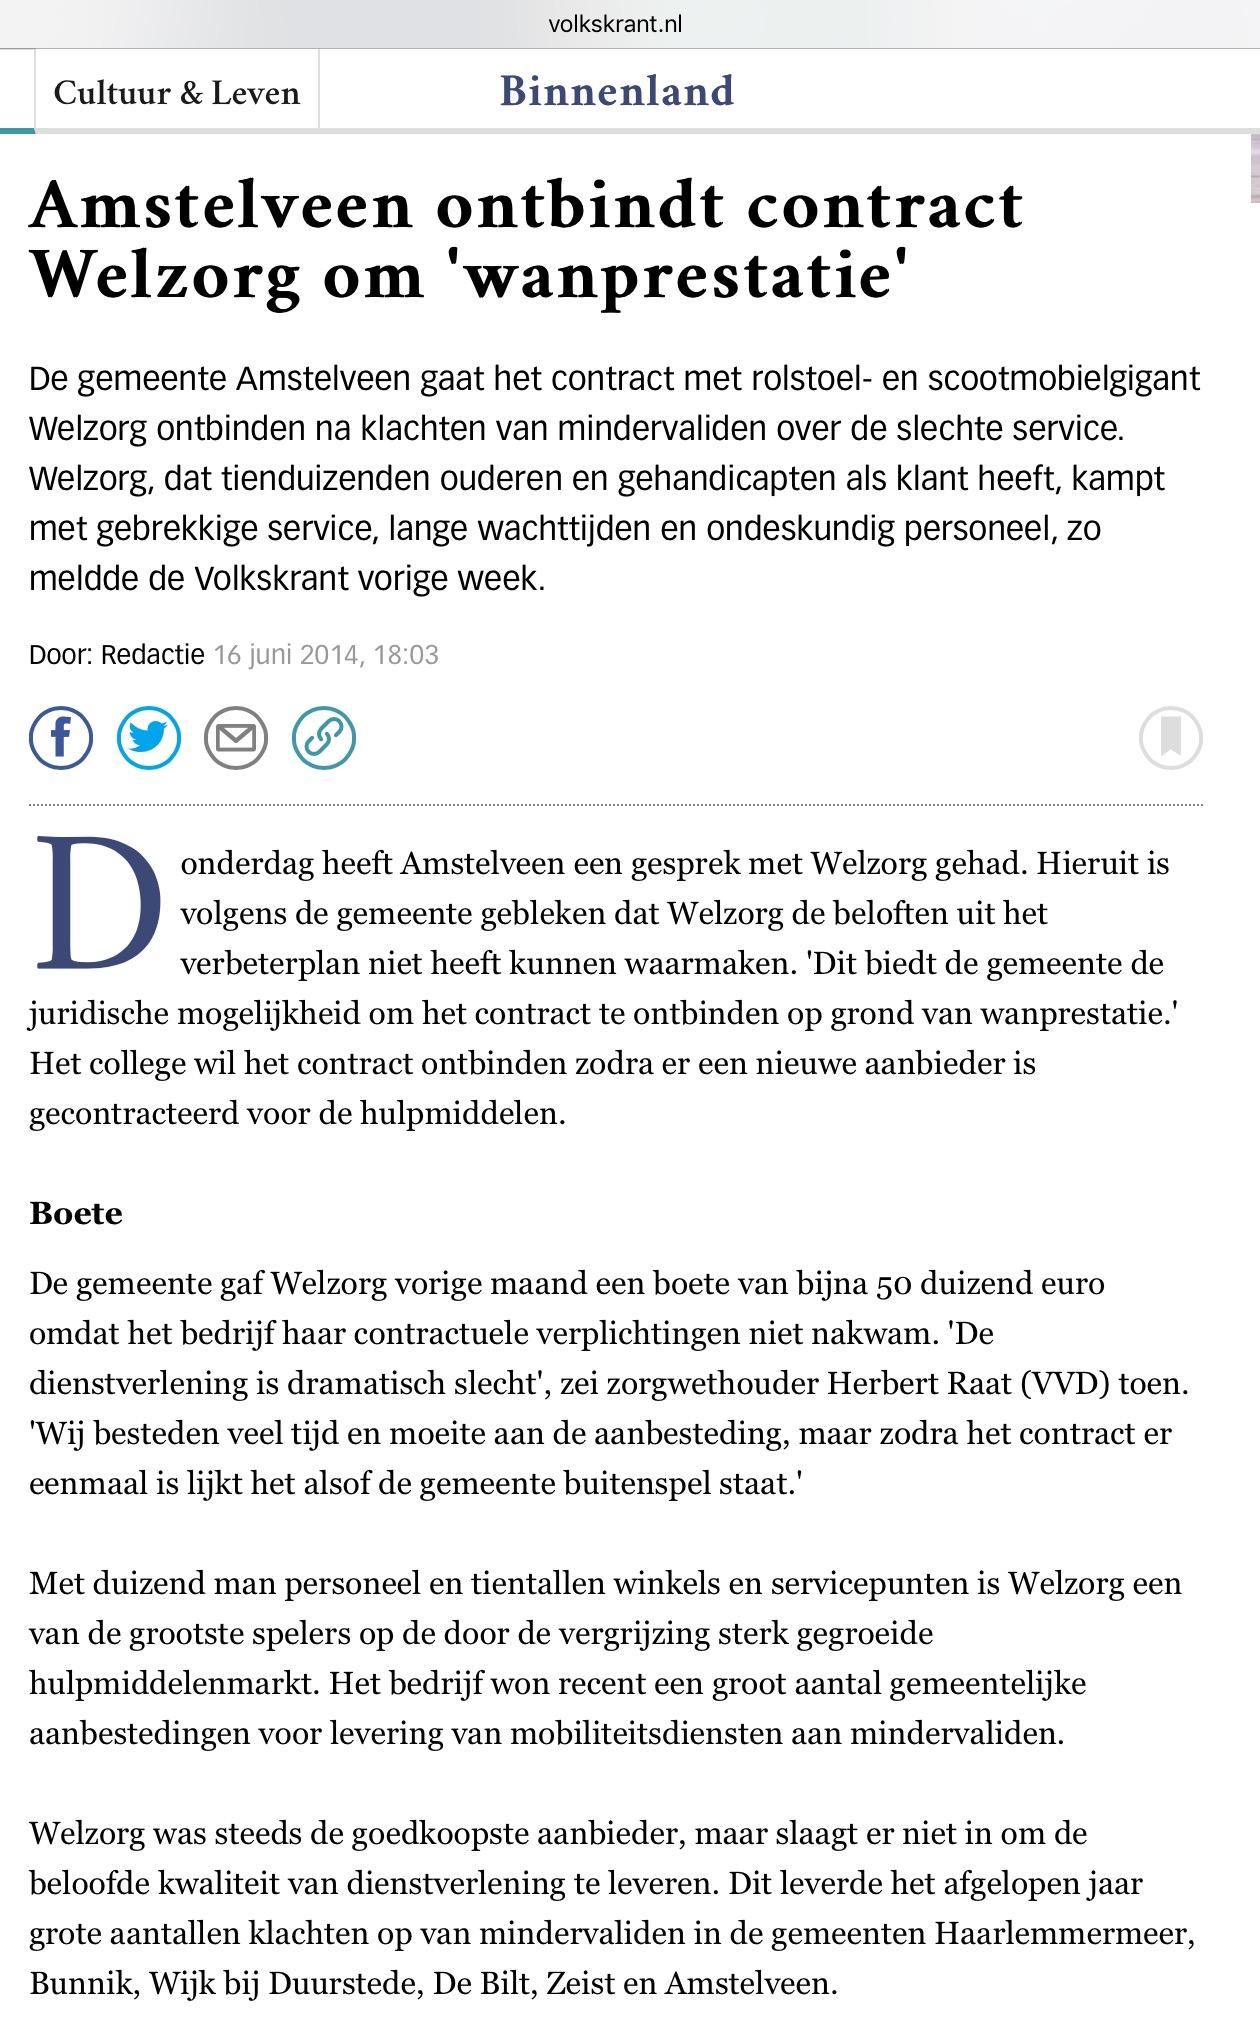 2015-16-6: De Volkskrant: wethouder Herbert Raat over wanprestatie Welzorg Amstelveen